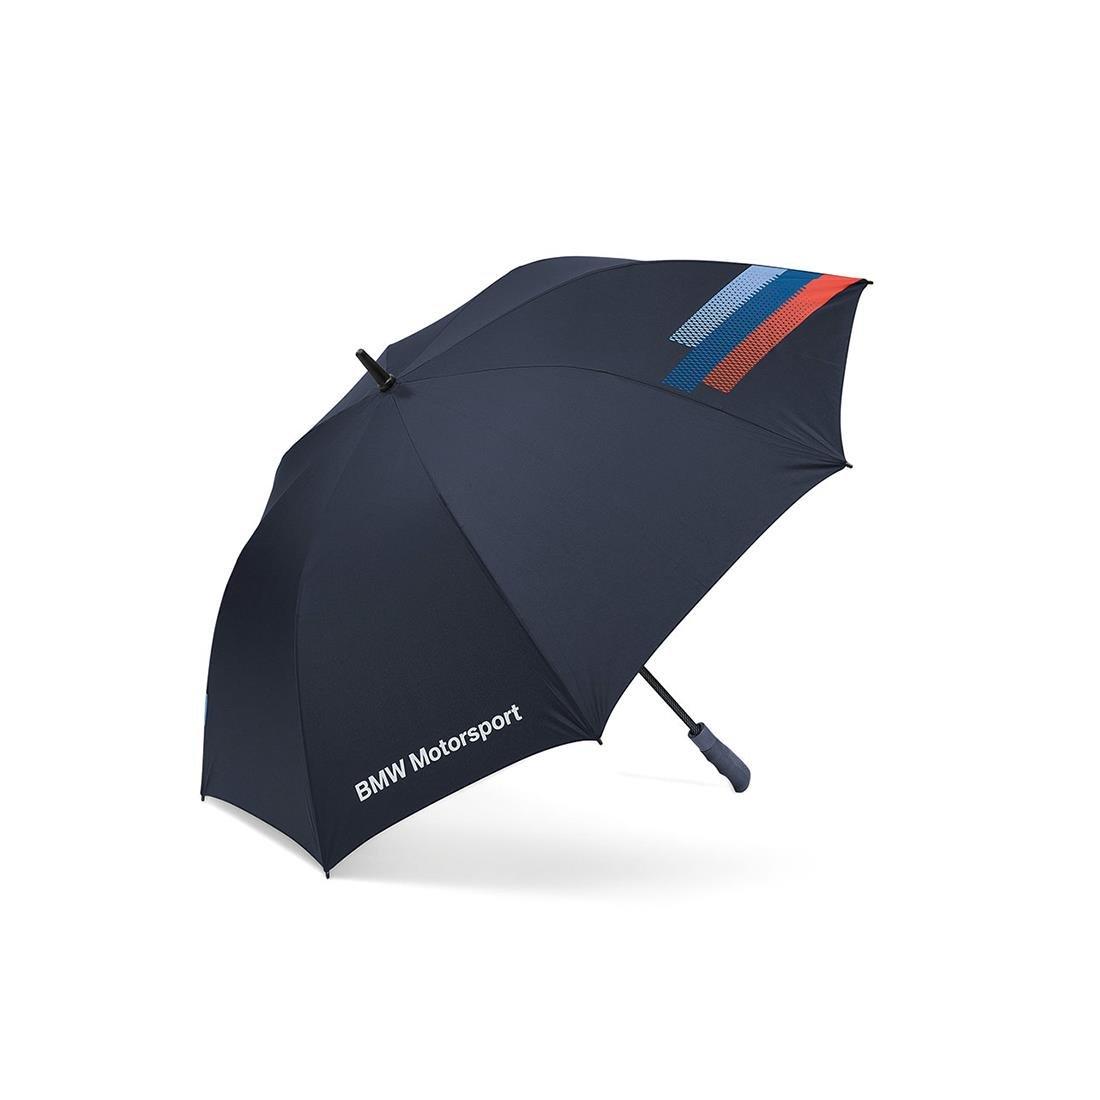 Paraguas Motorsport azul tricolor 80232446460 BMW Lifestyle 80-23-2-446-460